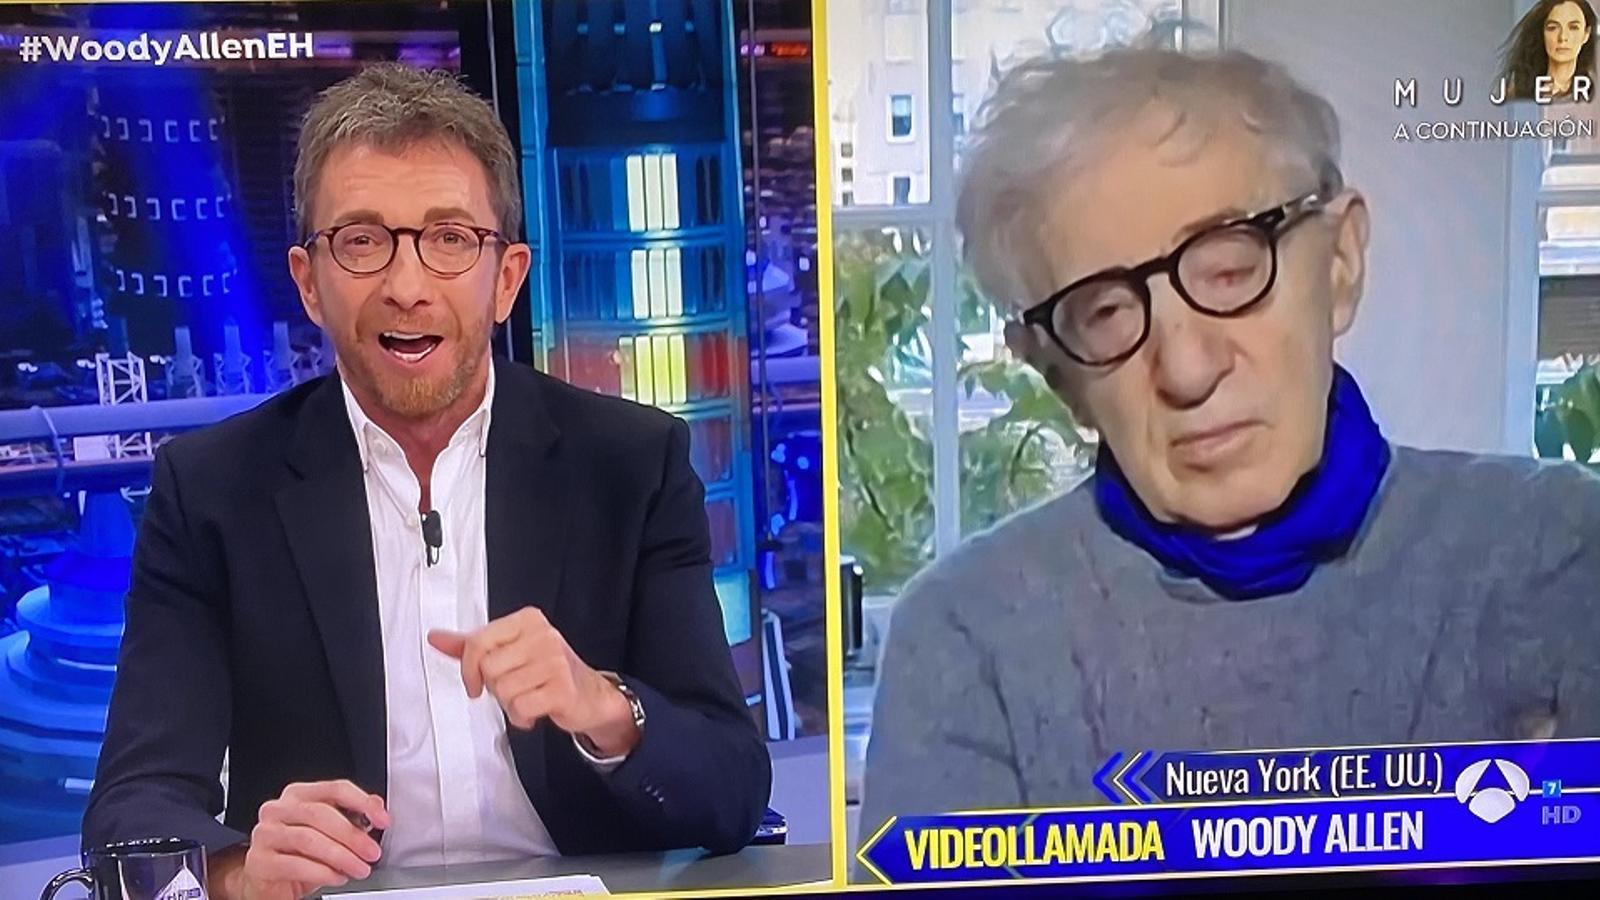 Pablo Motos i Woody Allen durant l'entrevista en videotrucada / ARA